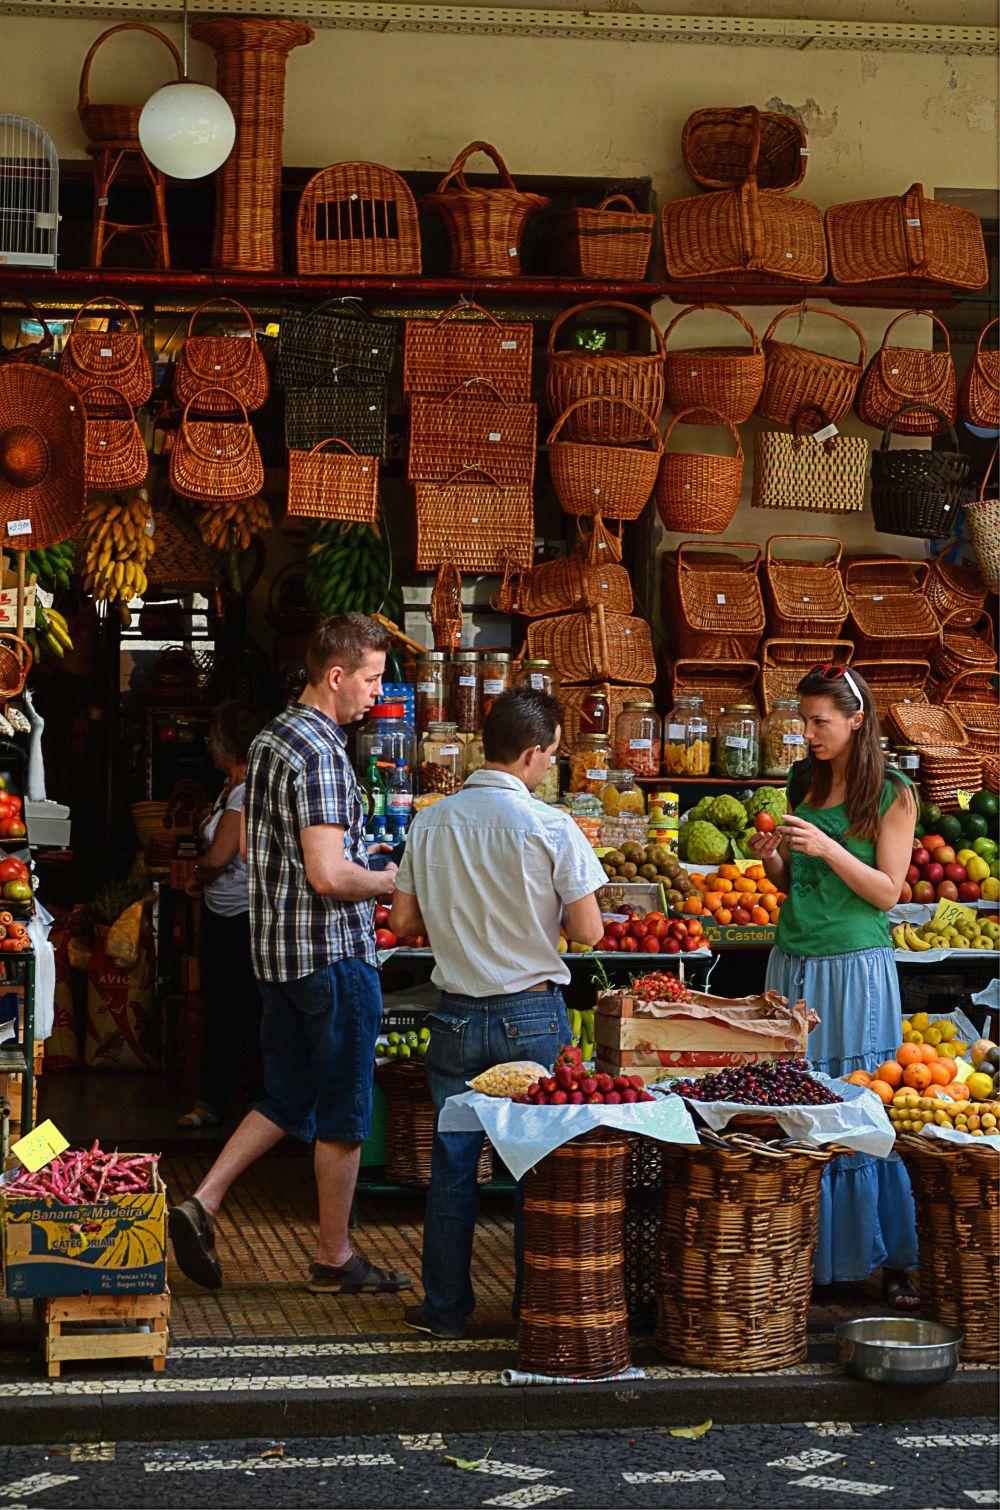 El Mercado dos Lavradores.